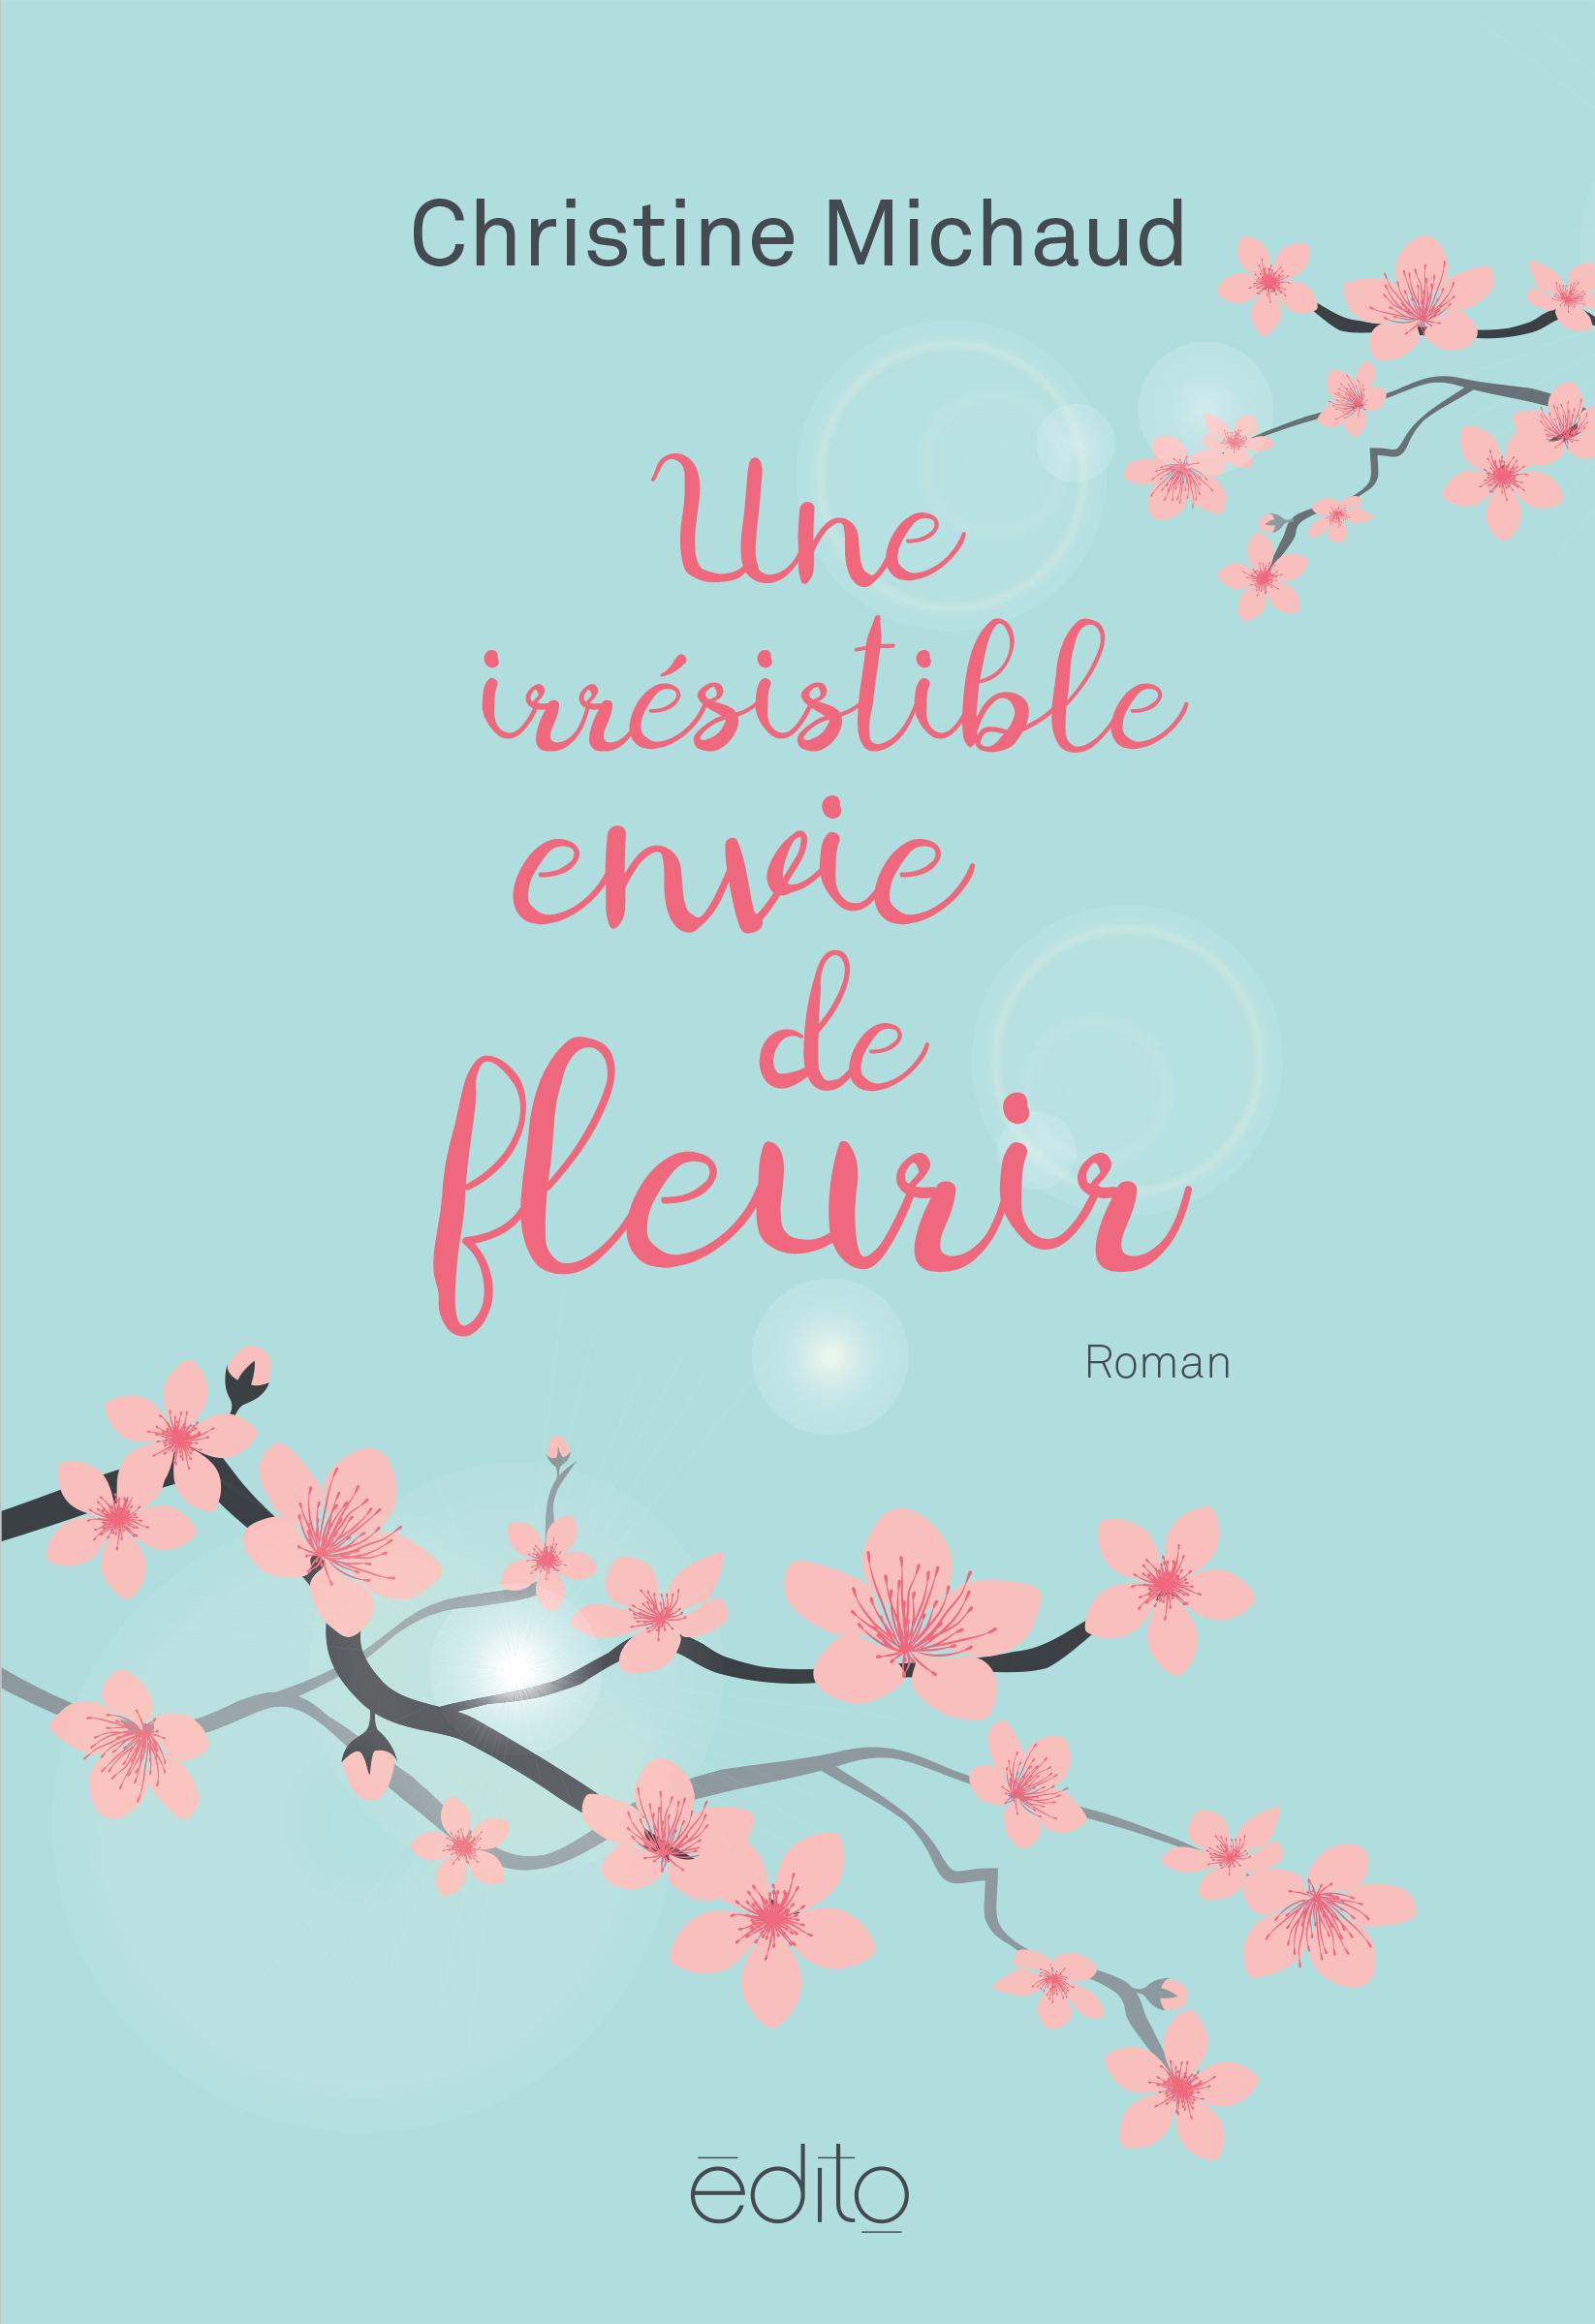 Une irrésistible envie de fleurir Image